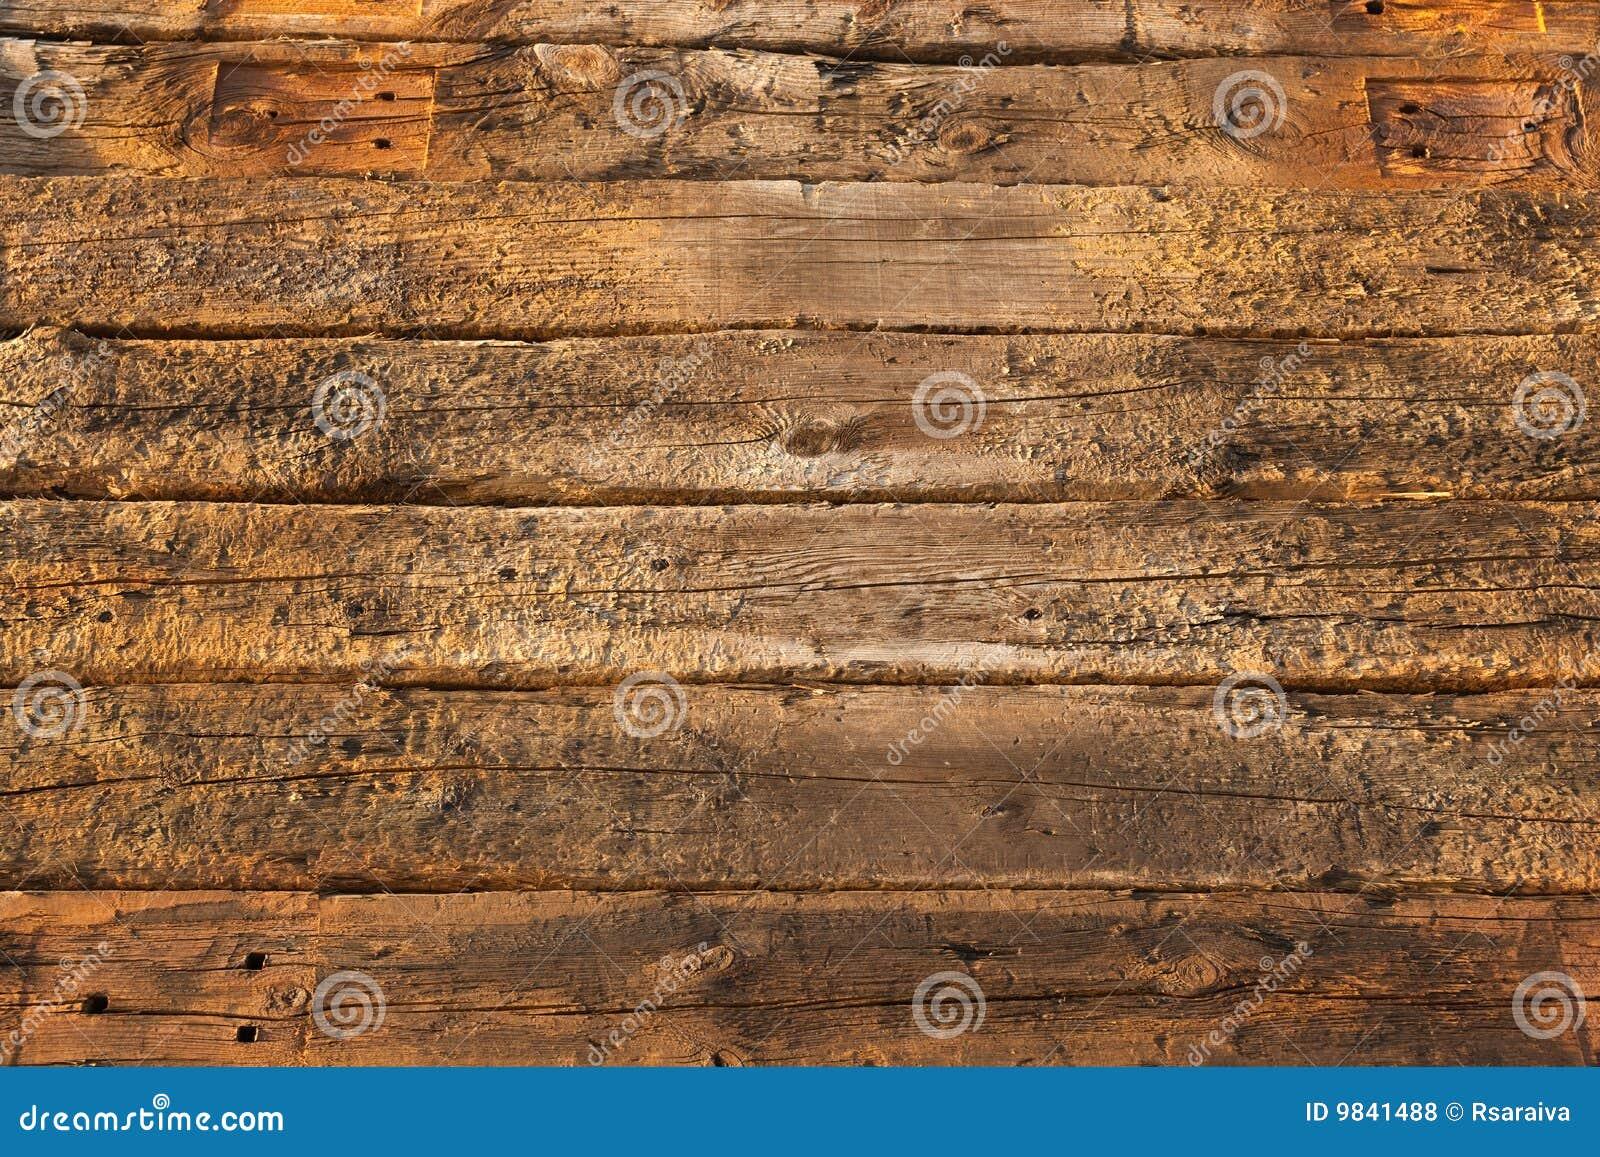 Vieilles planches en bois photos libres de droits image - Vieilles caisses en bois a vendre ...